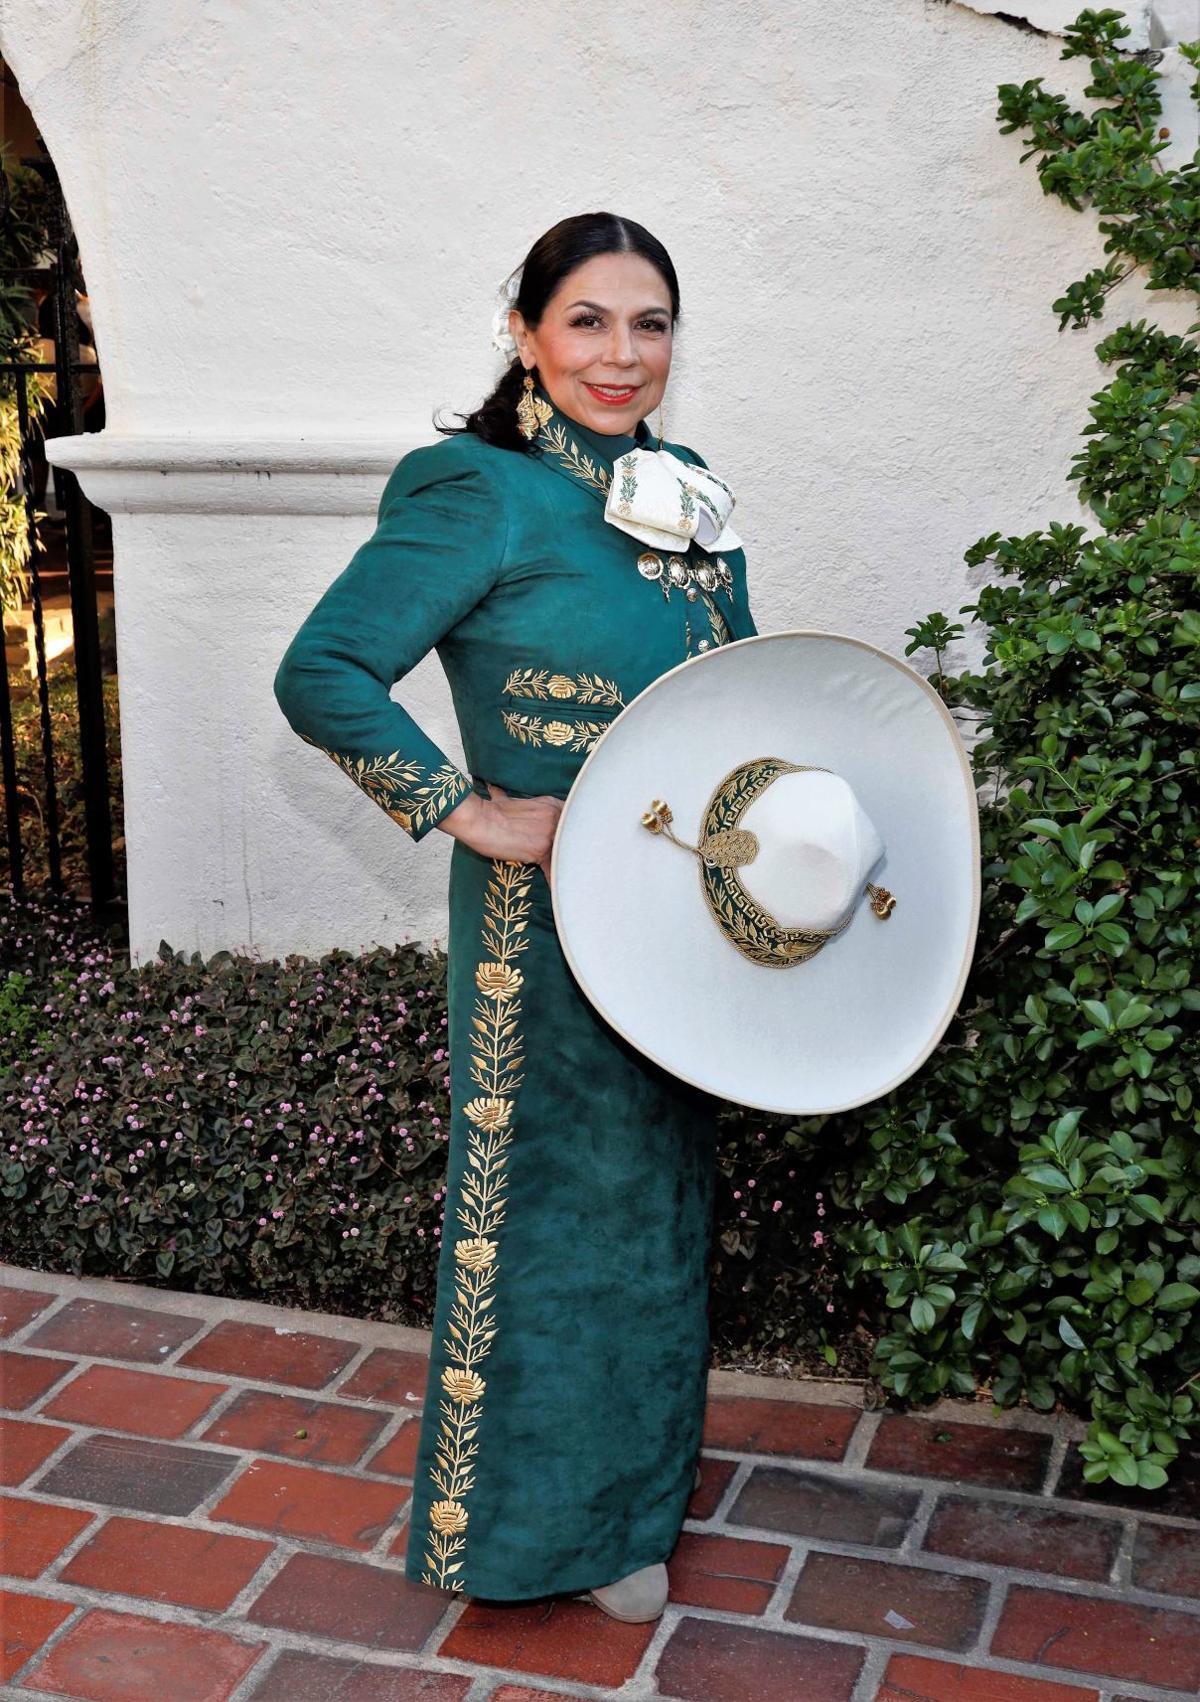 Leonor Xochitl Perez